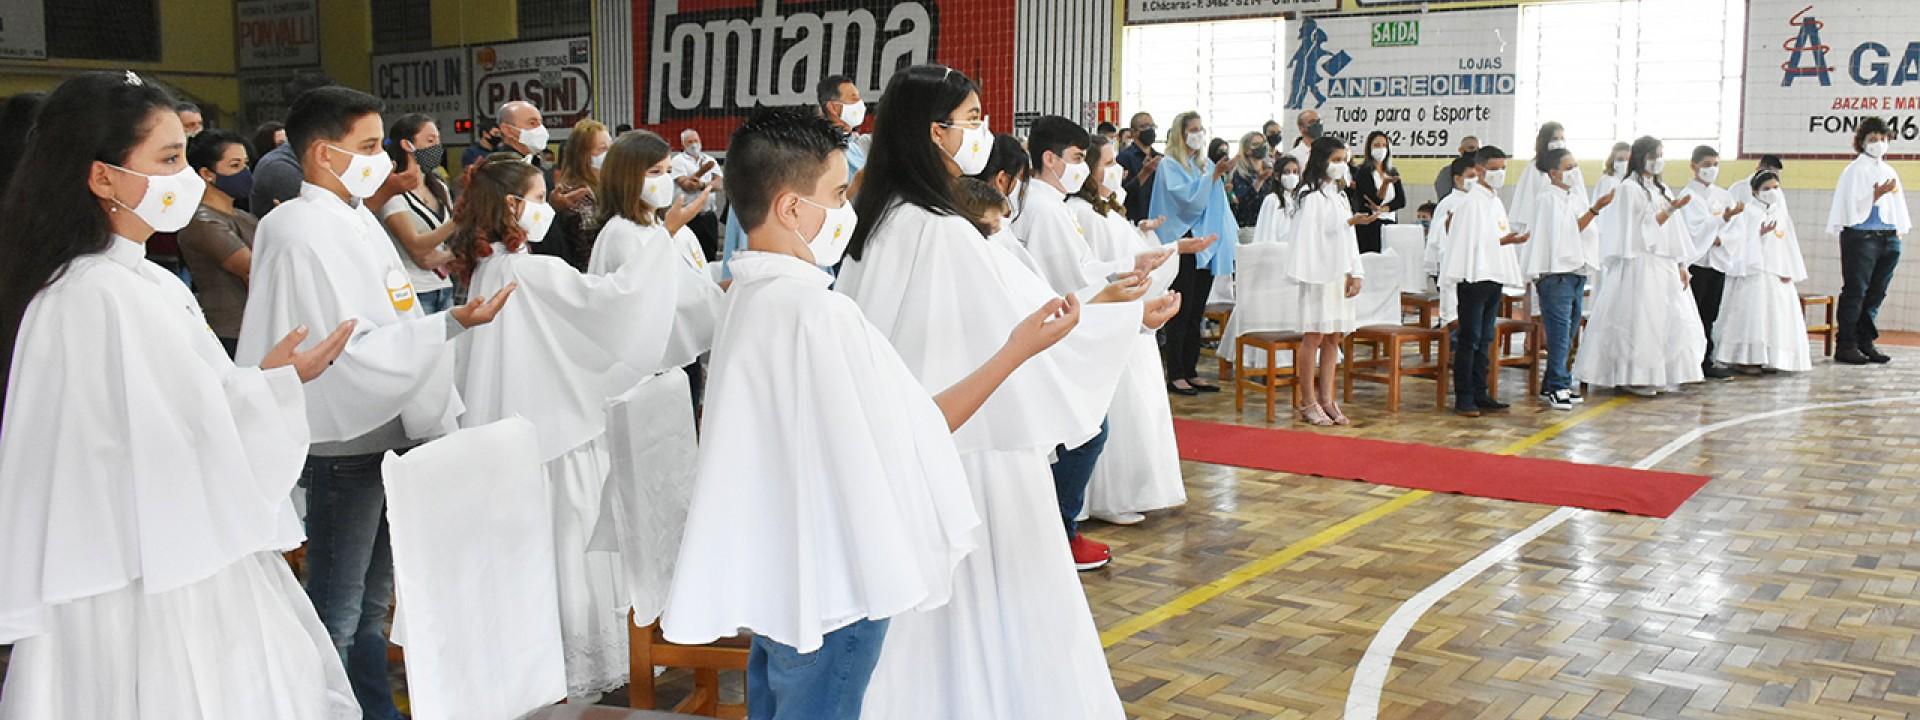 primeira-eucaristia-no-bairro-chacaras-2020_10_3723.jpg